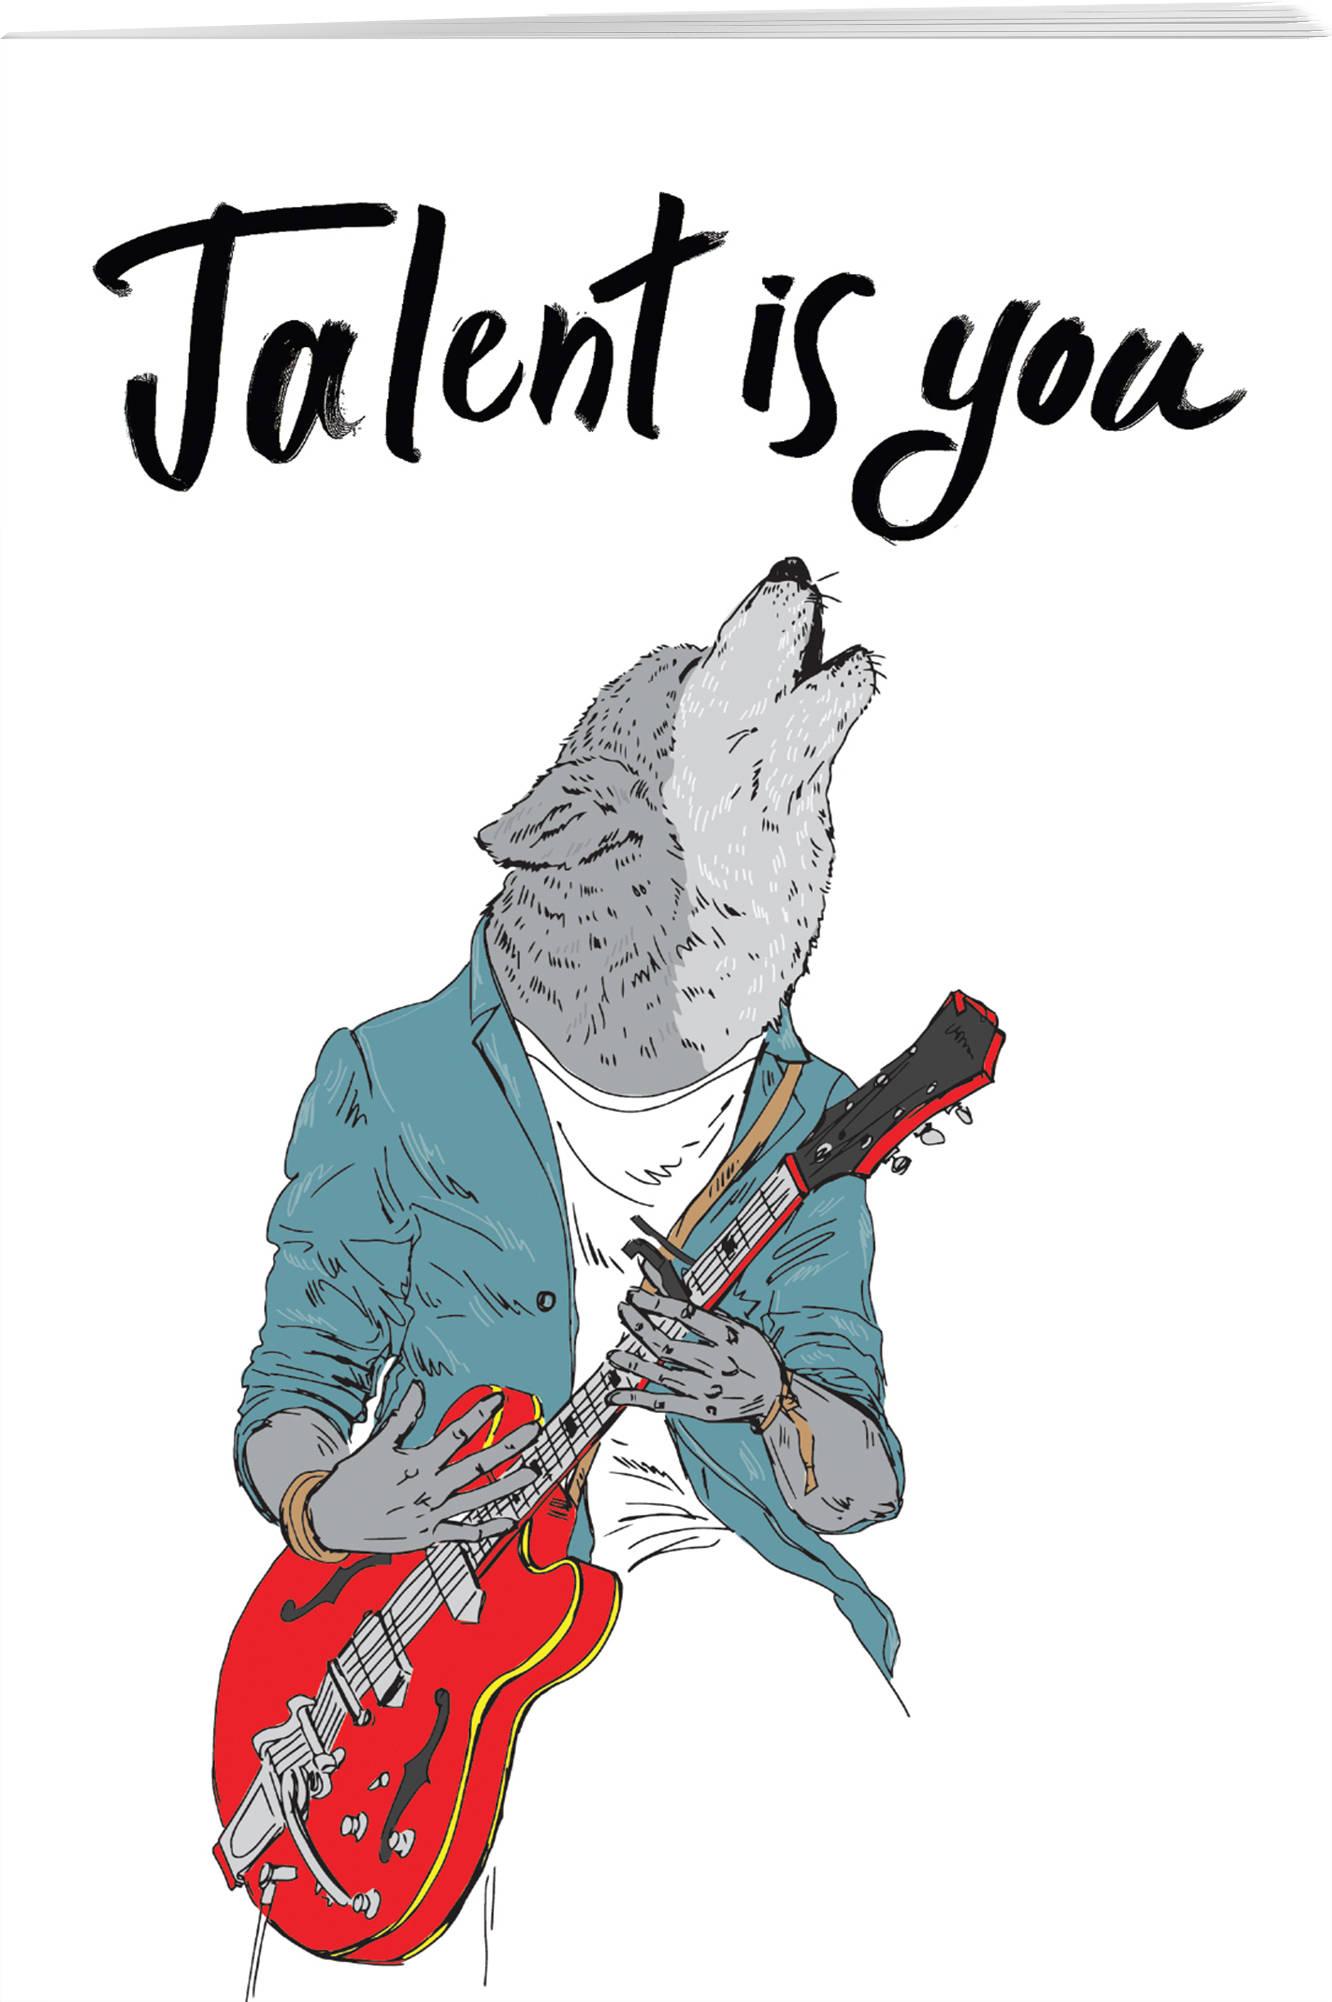 Talent is you (А5, мягкая обложка), ISBN 9785040958542, БОМБОРА, 2018, Блокноты Like , 978-5-0409-5854-2, 978-5-040-95854-2, 978-5-04-095854-2 - купить со скидкой